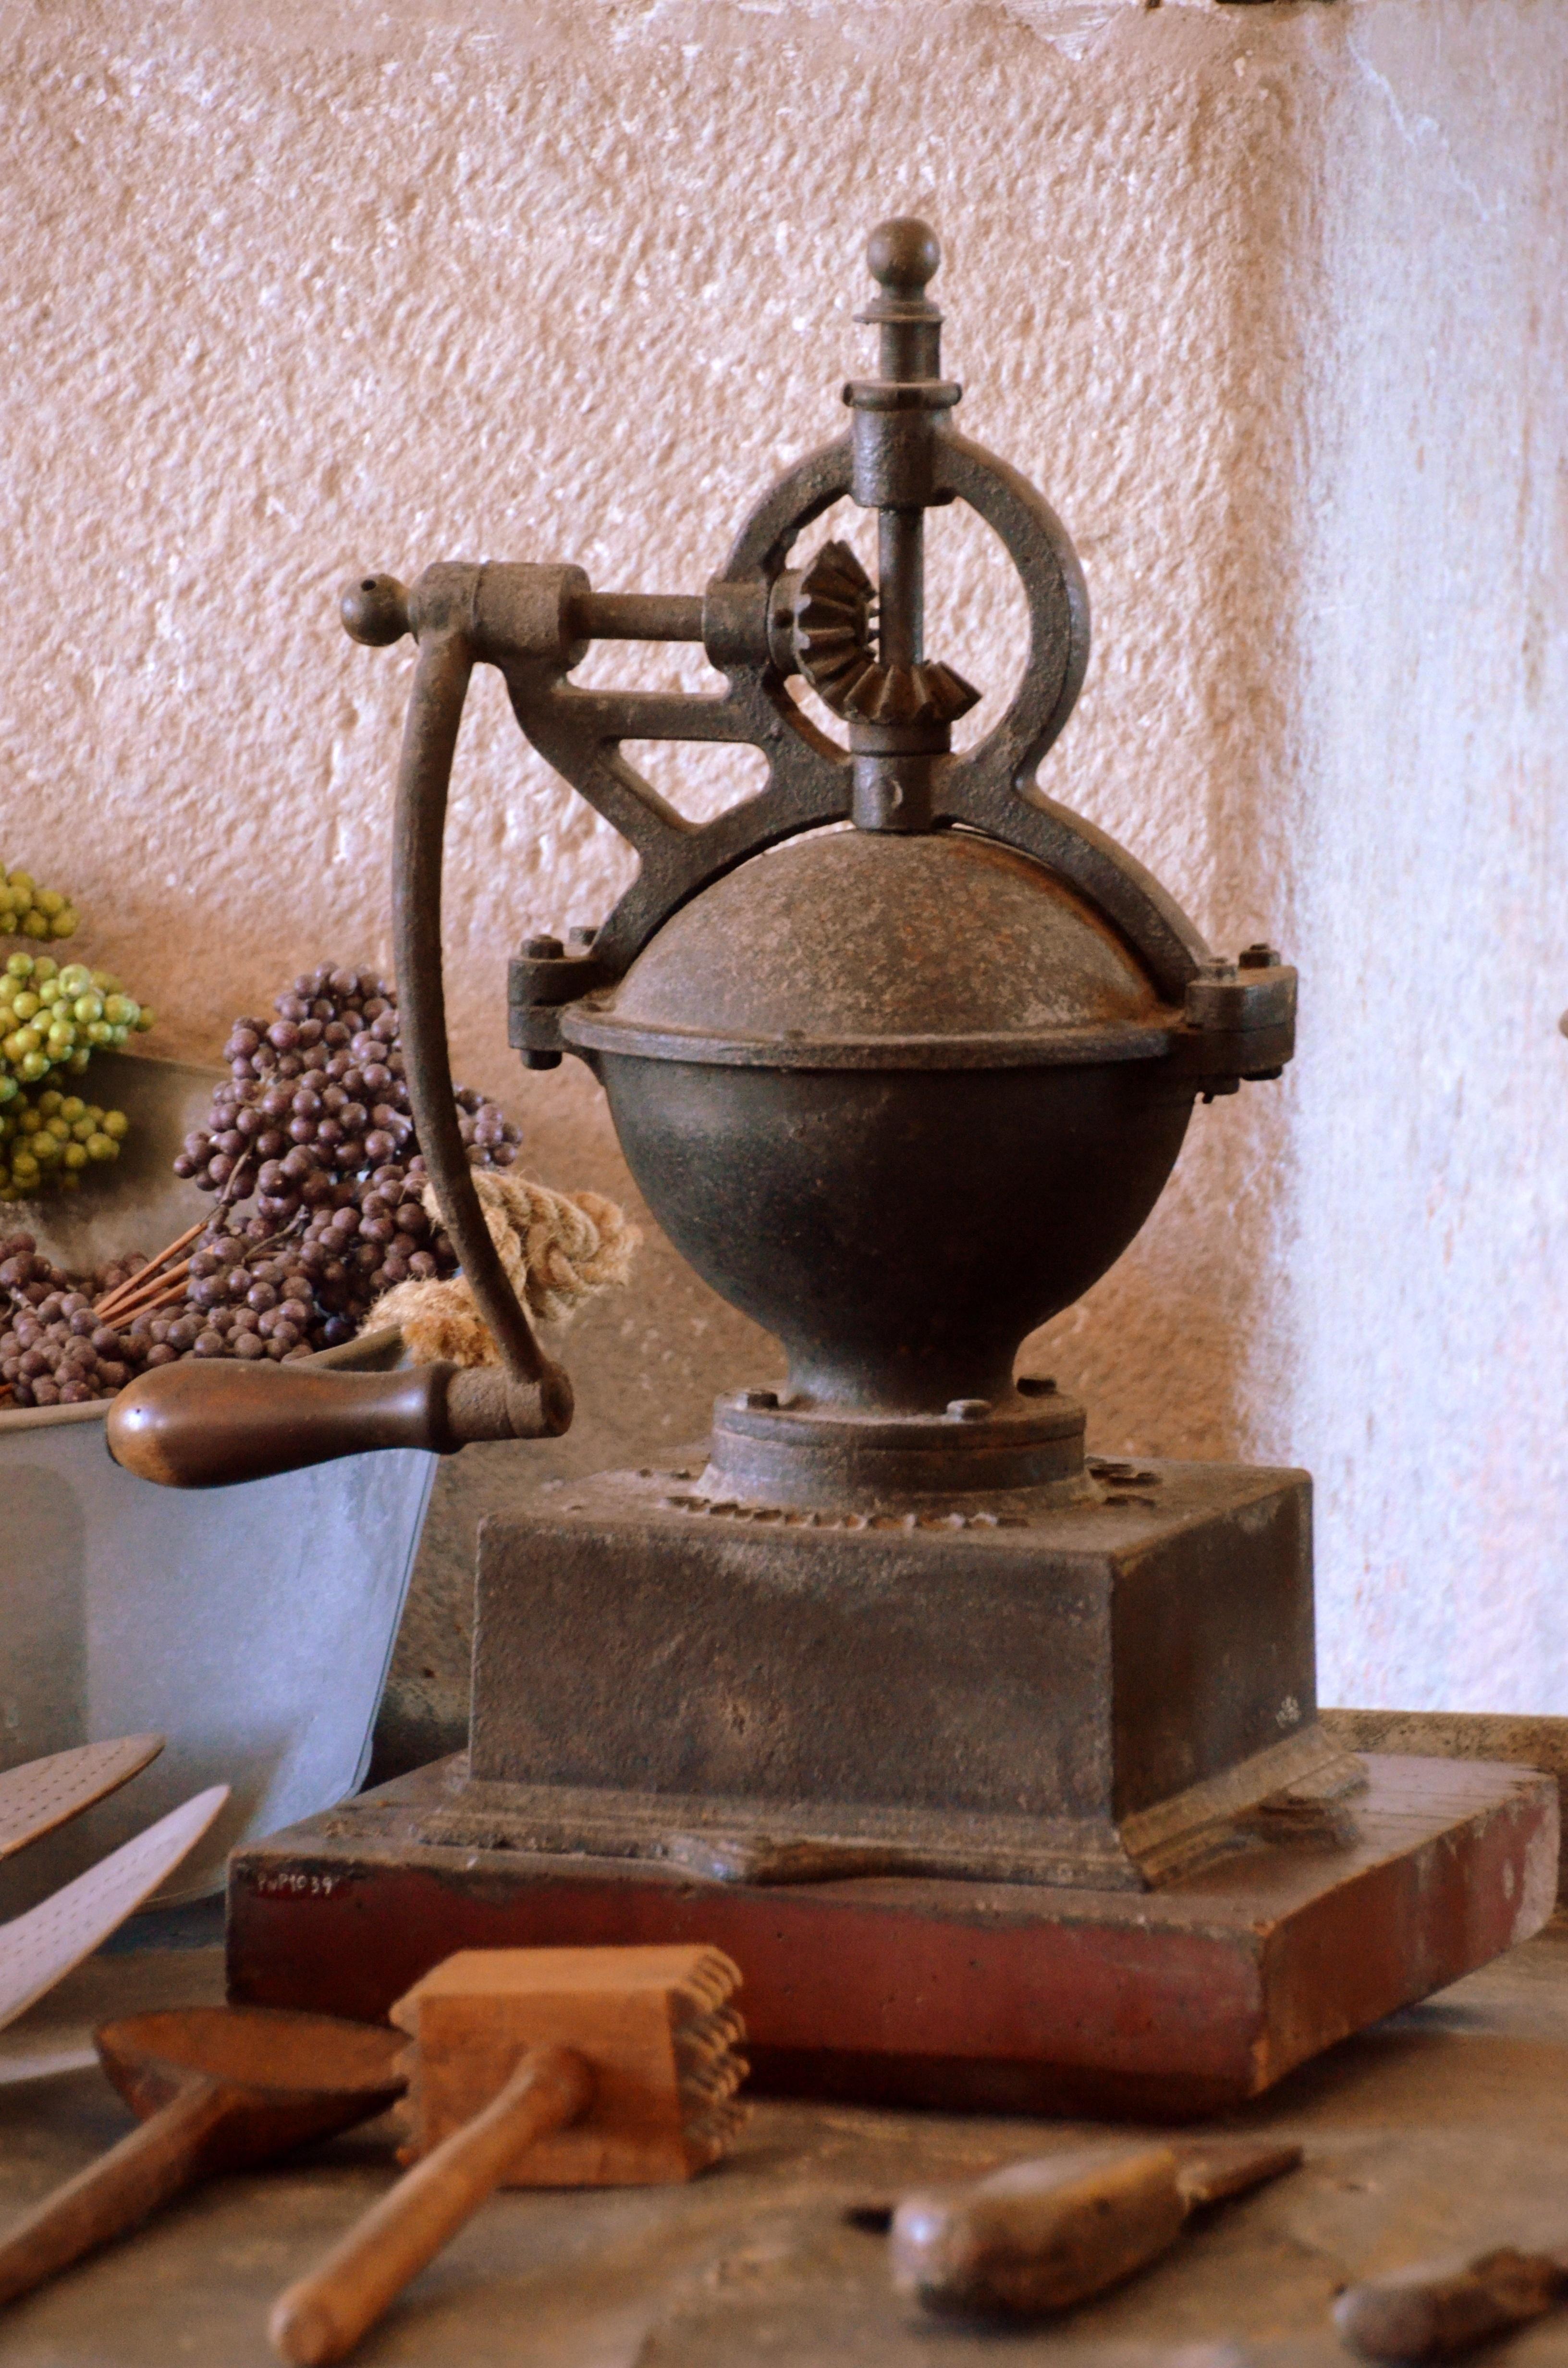 Udestående Gratis billeder : cafe, træ, antik, gammel, aroma, Brun, køkken JF32